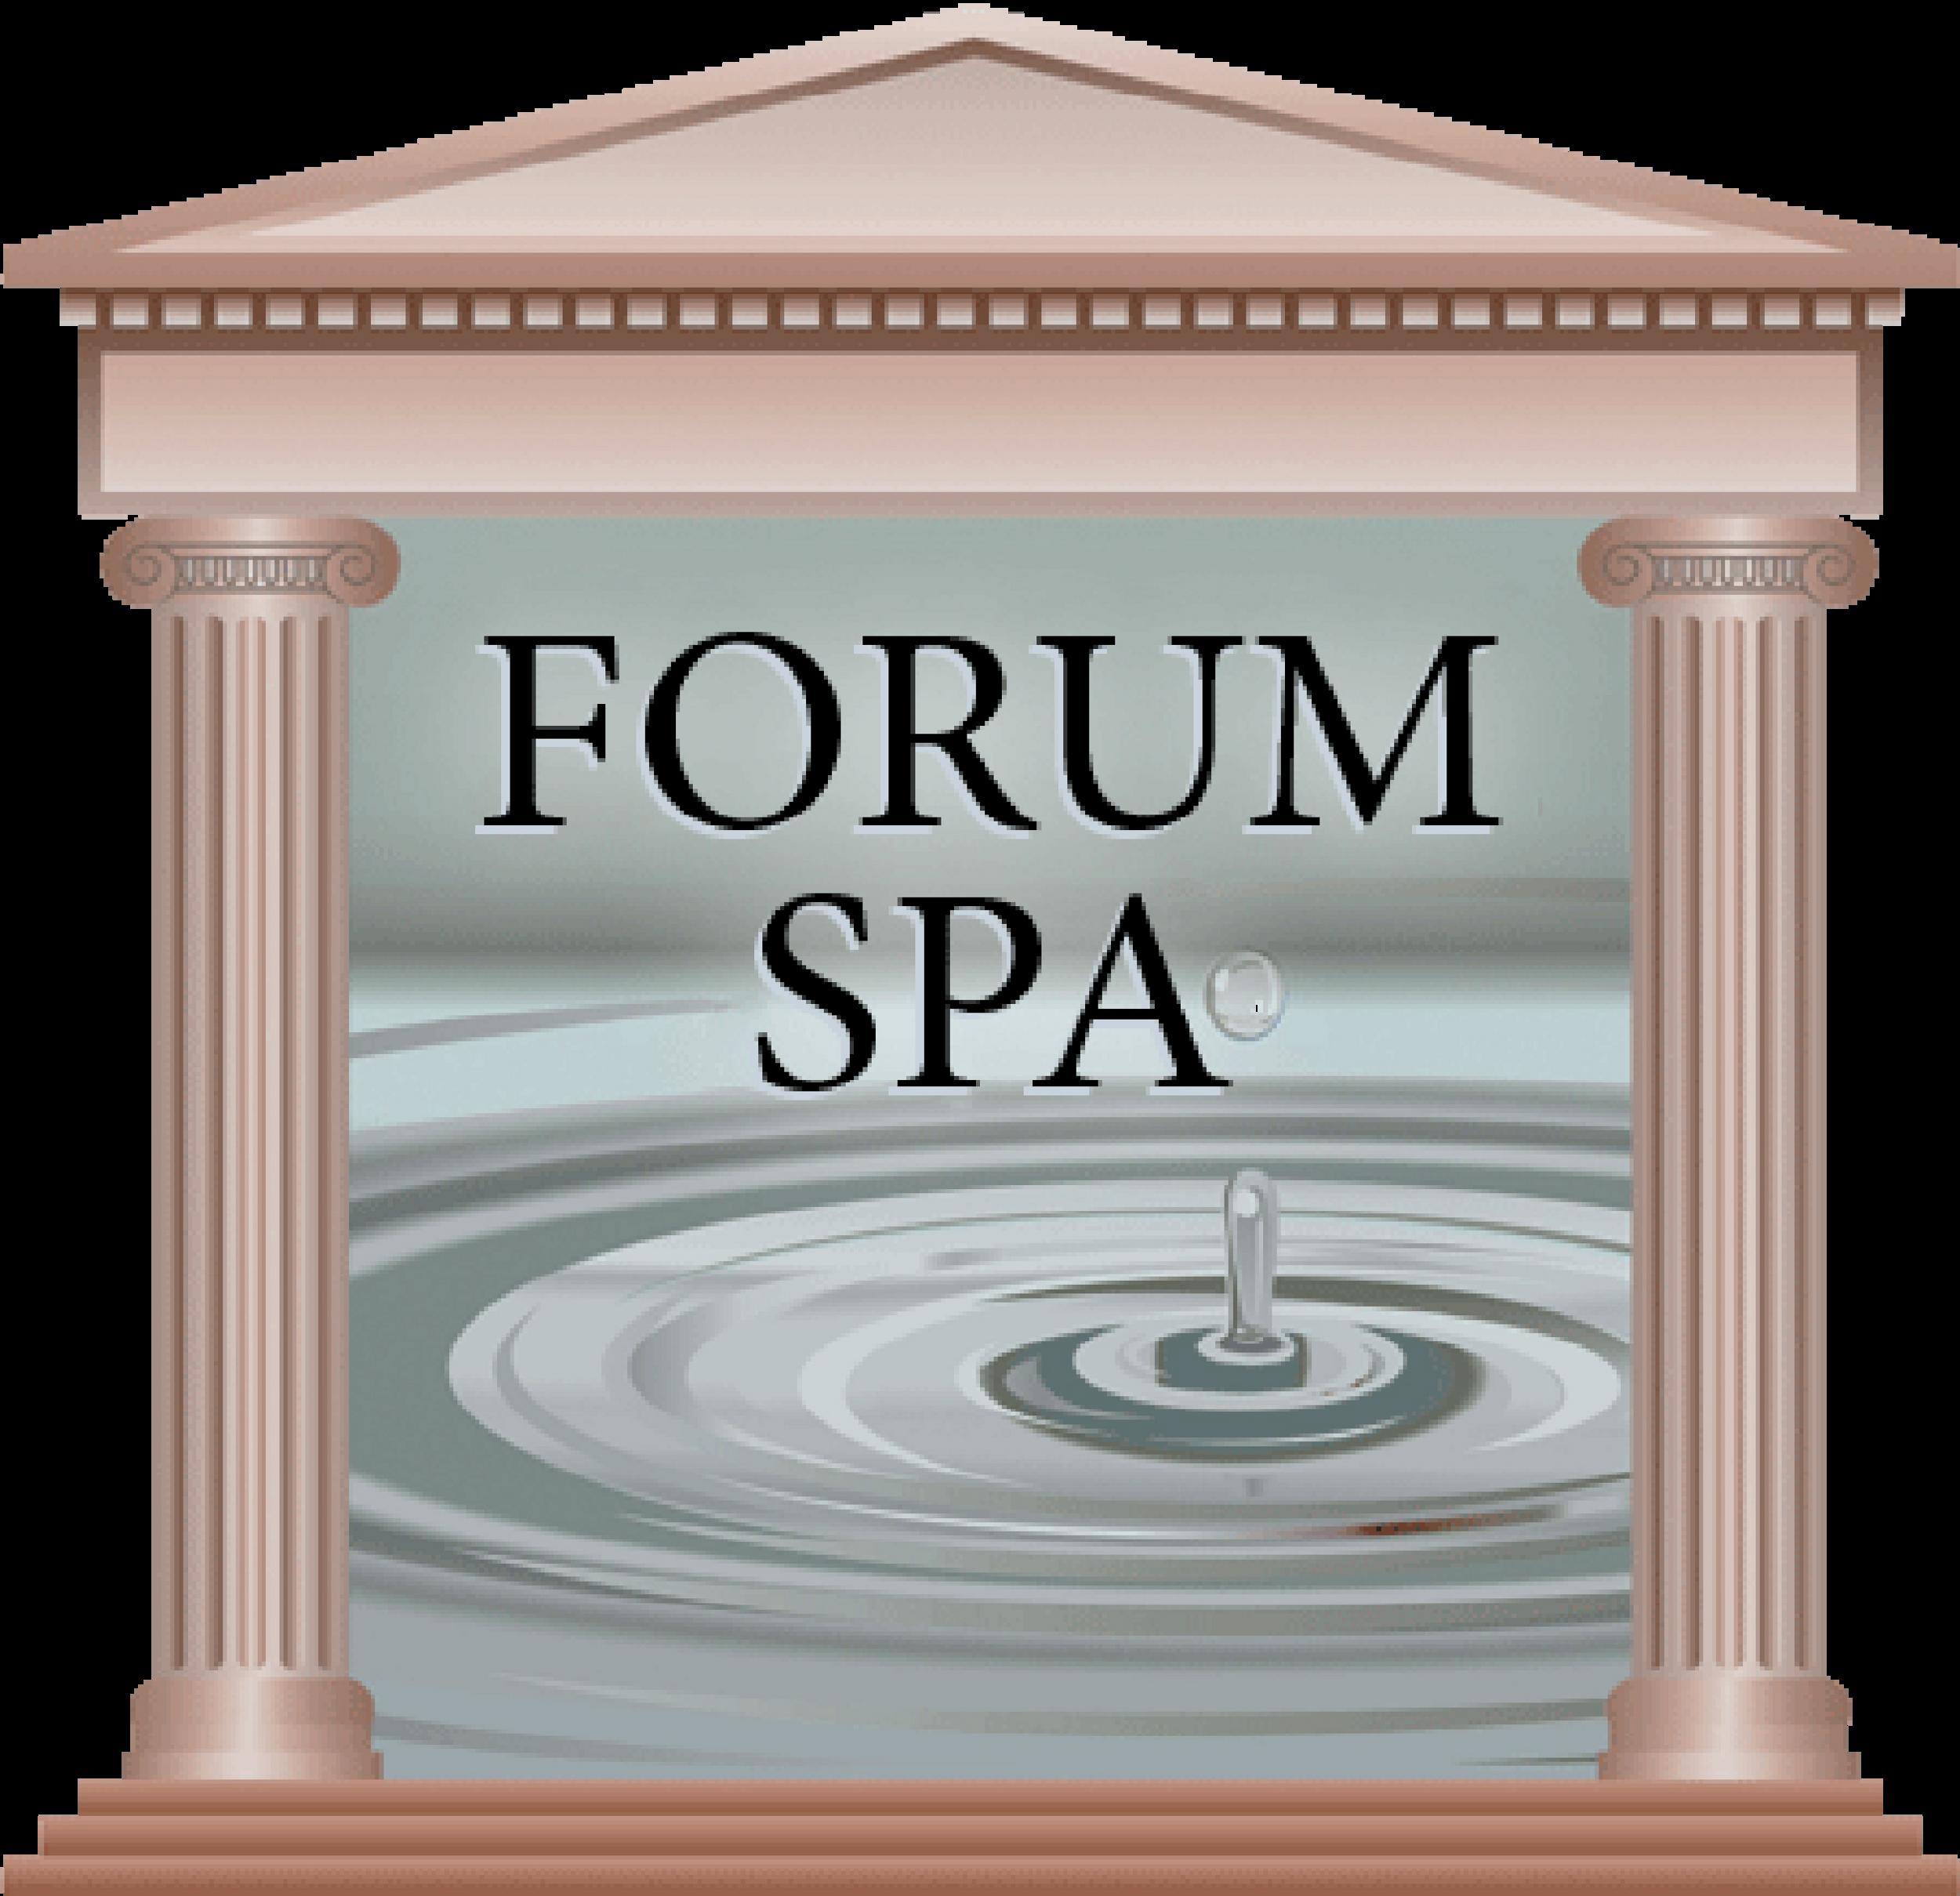 (c) Forumspa.net